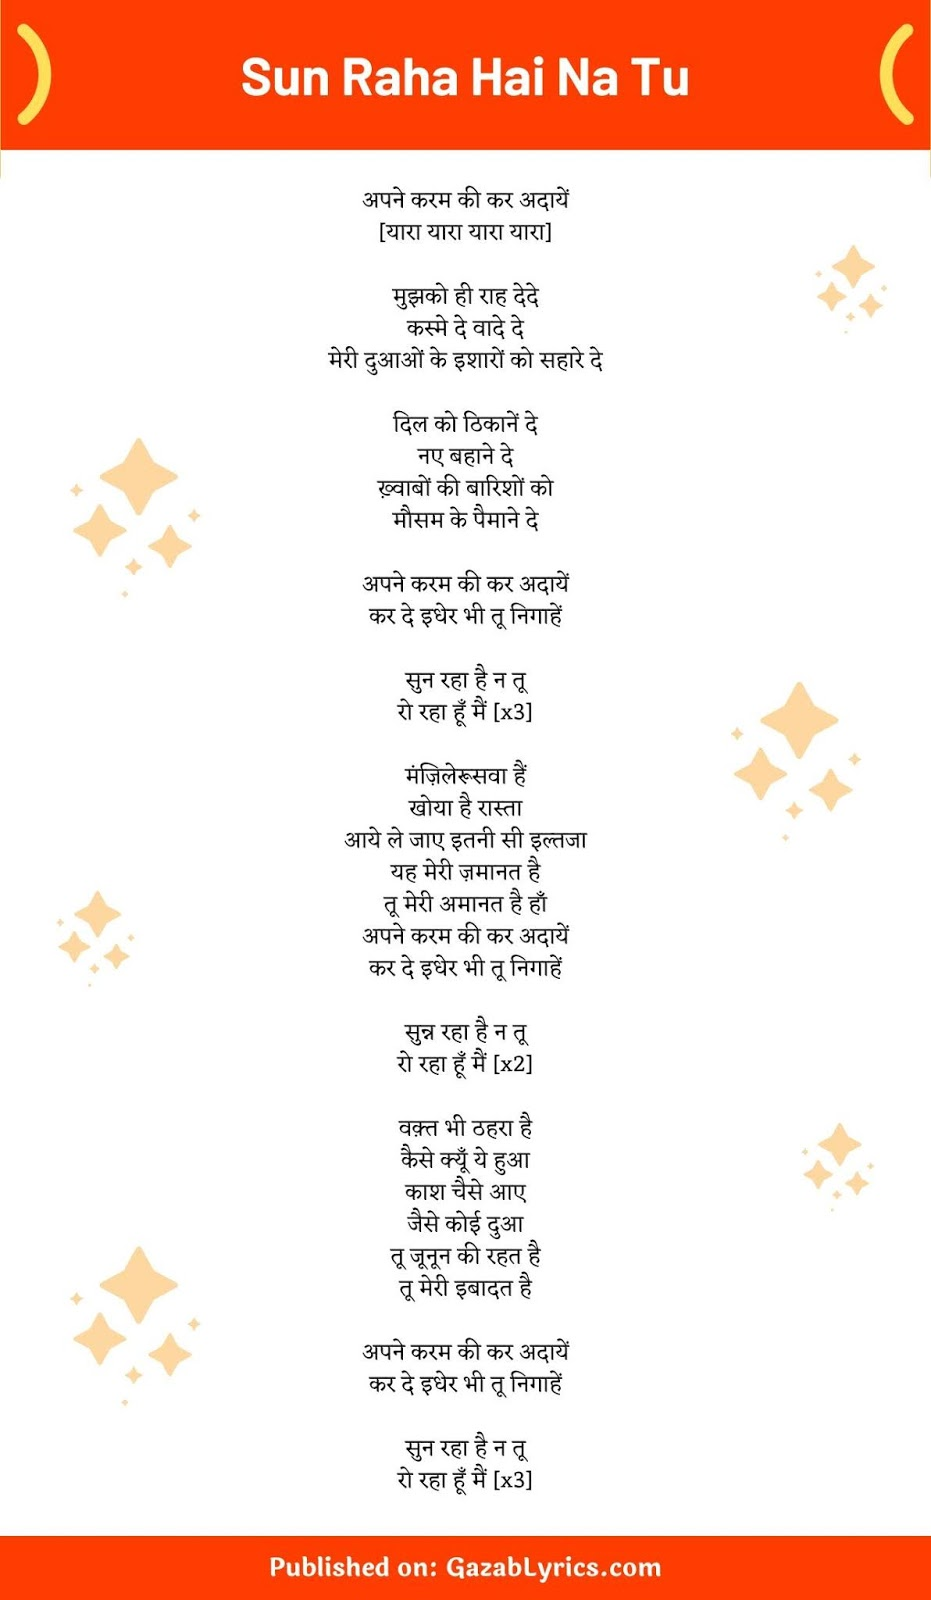 Sun Raha Hai Na Tu lyrics image